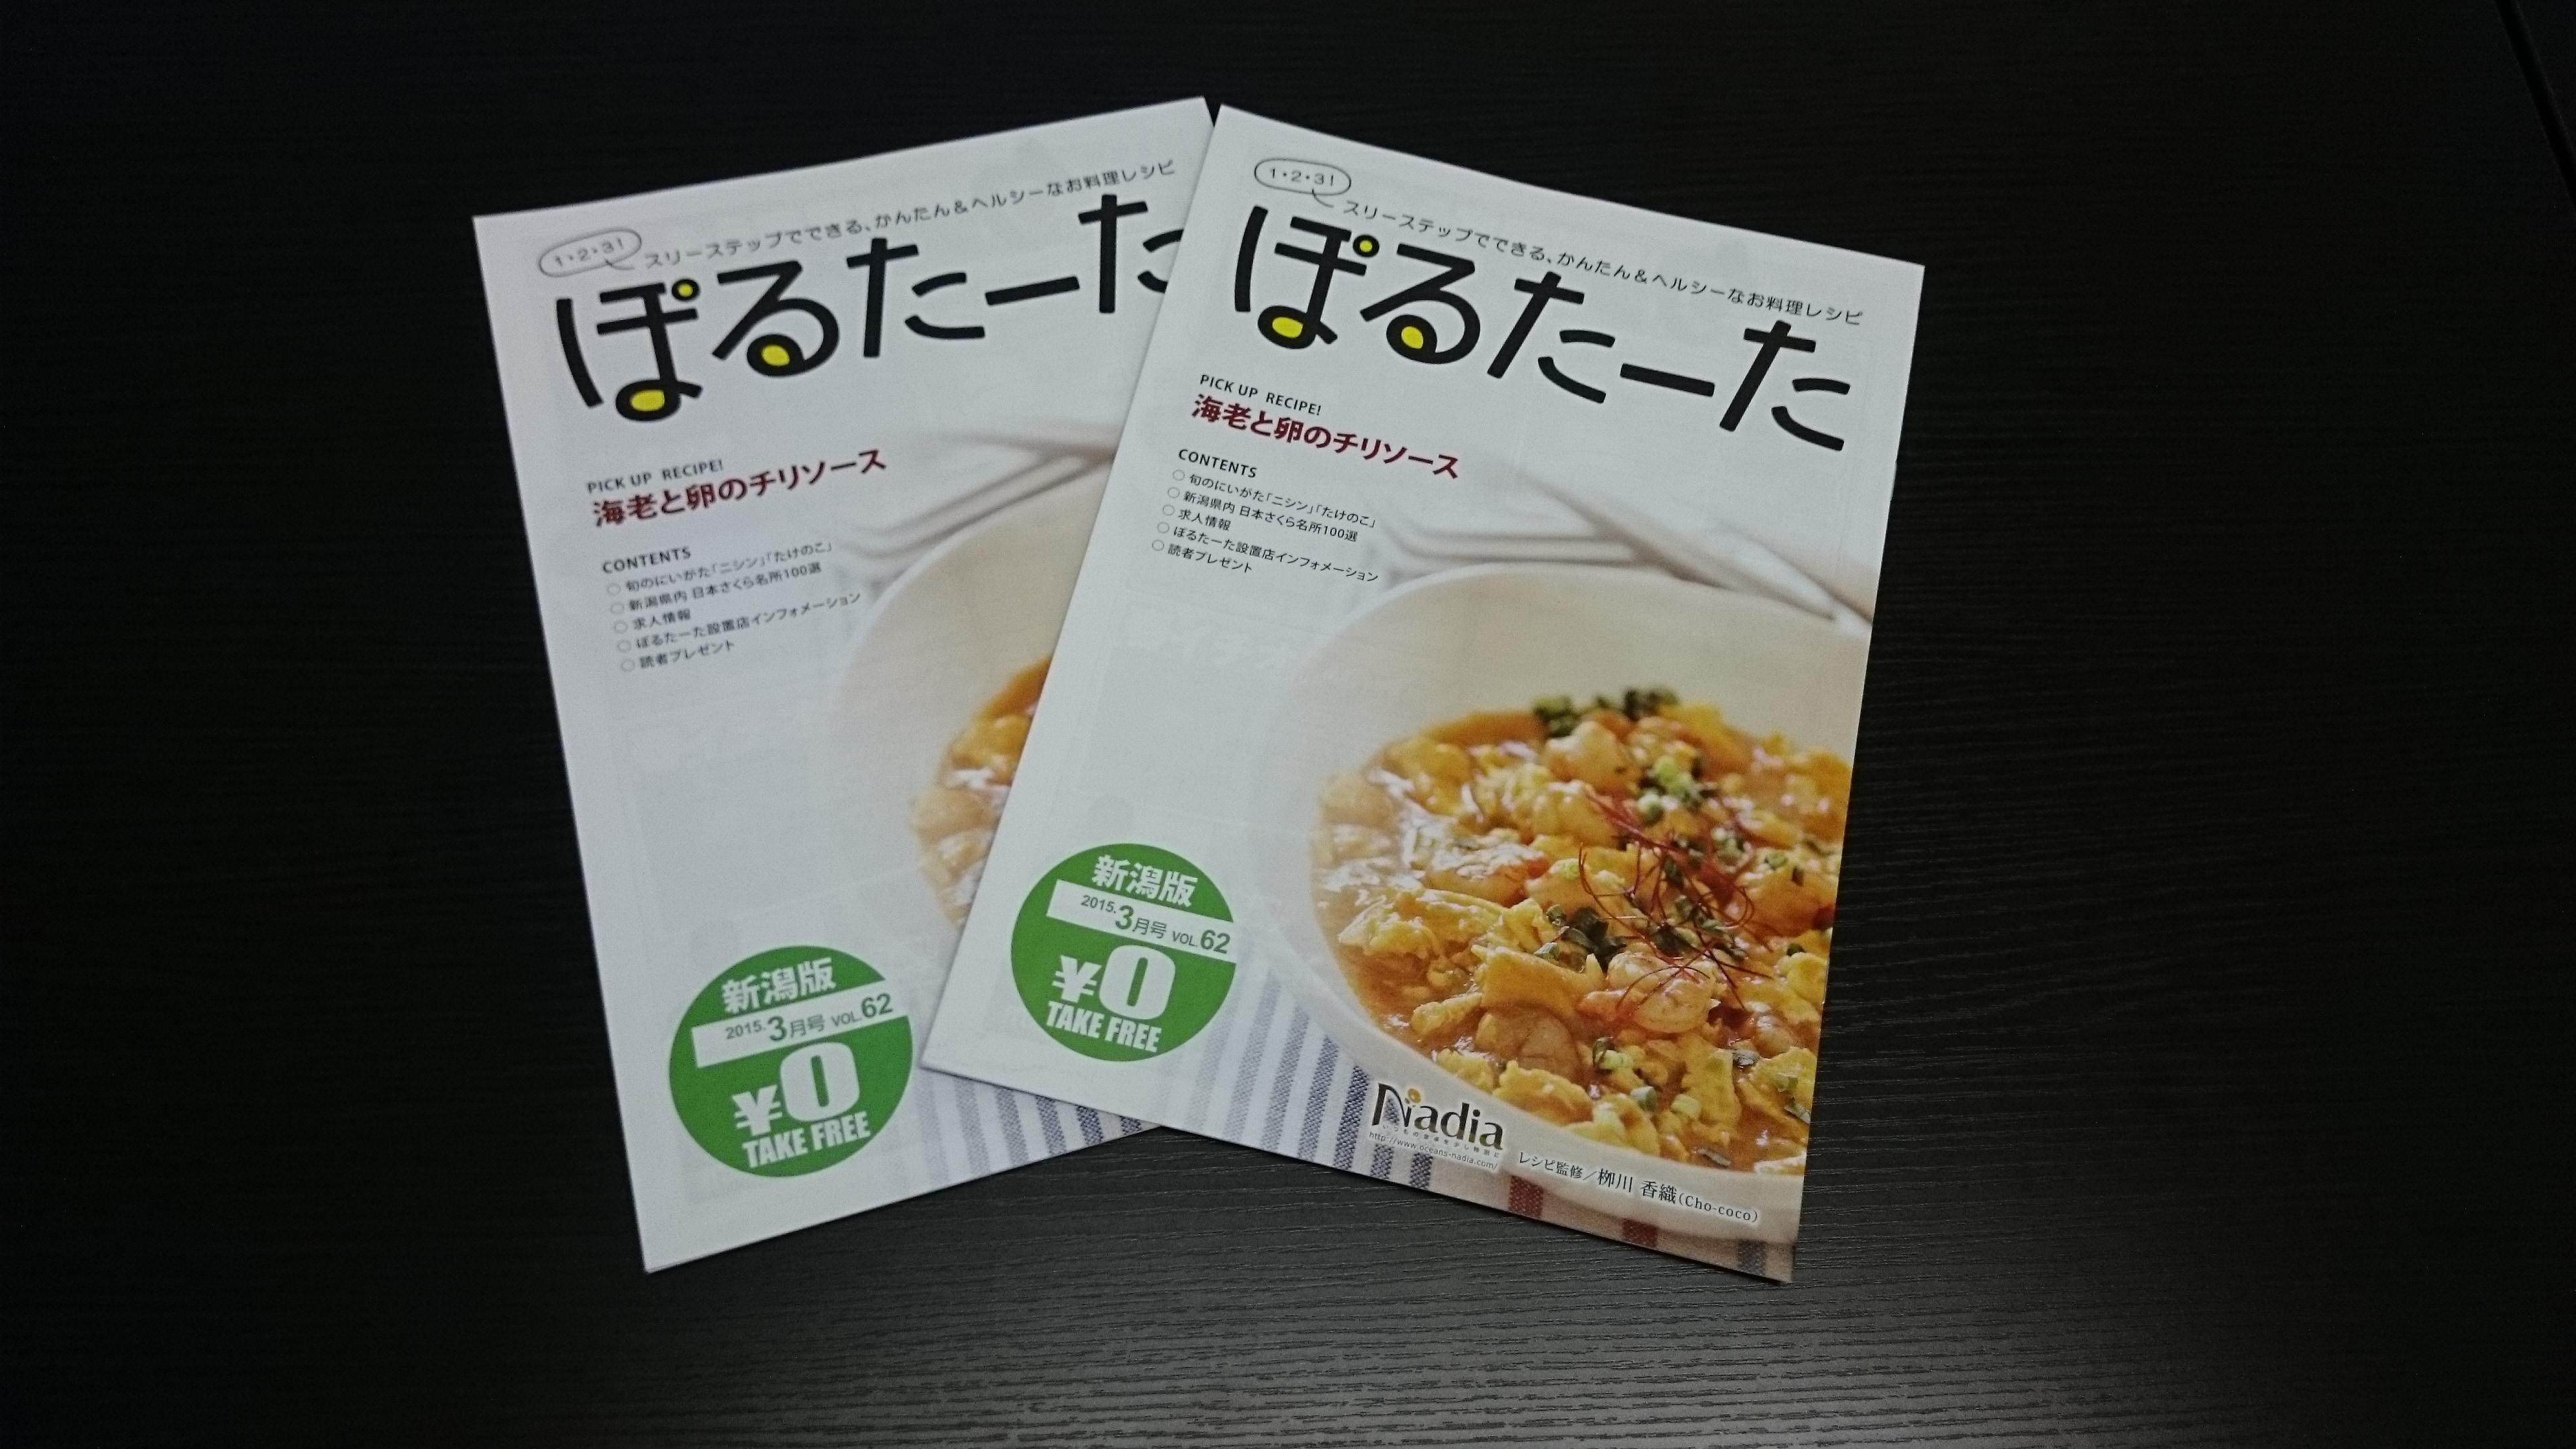 栁川香織:求人ジャーナル様 フリーペーパー「ぽるたーた3月号」にレシピを20点掲載しました。